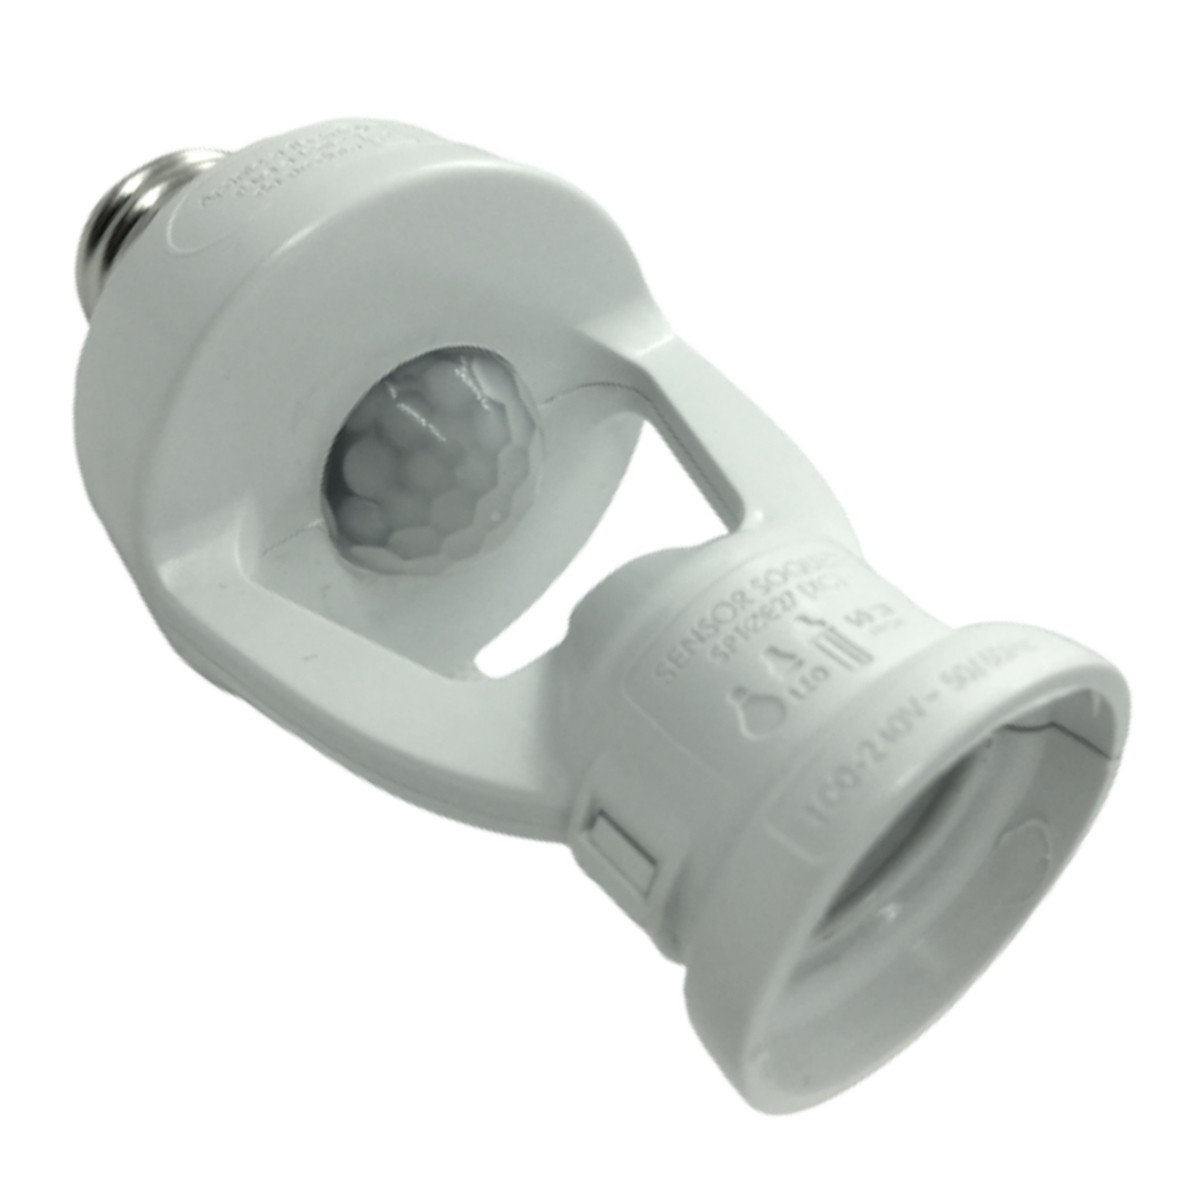 Foto2 - Sensor de Presença Soquete E27 XControl Ajuste de Tempo pelo App